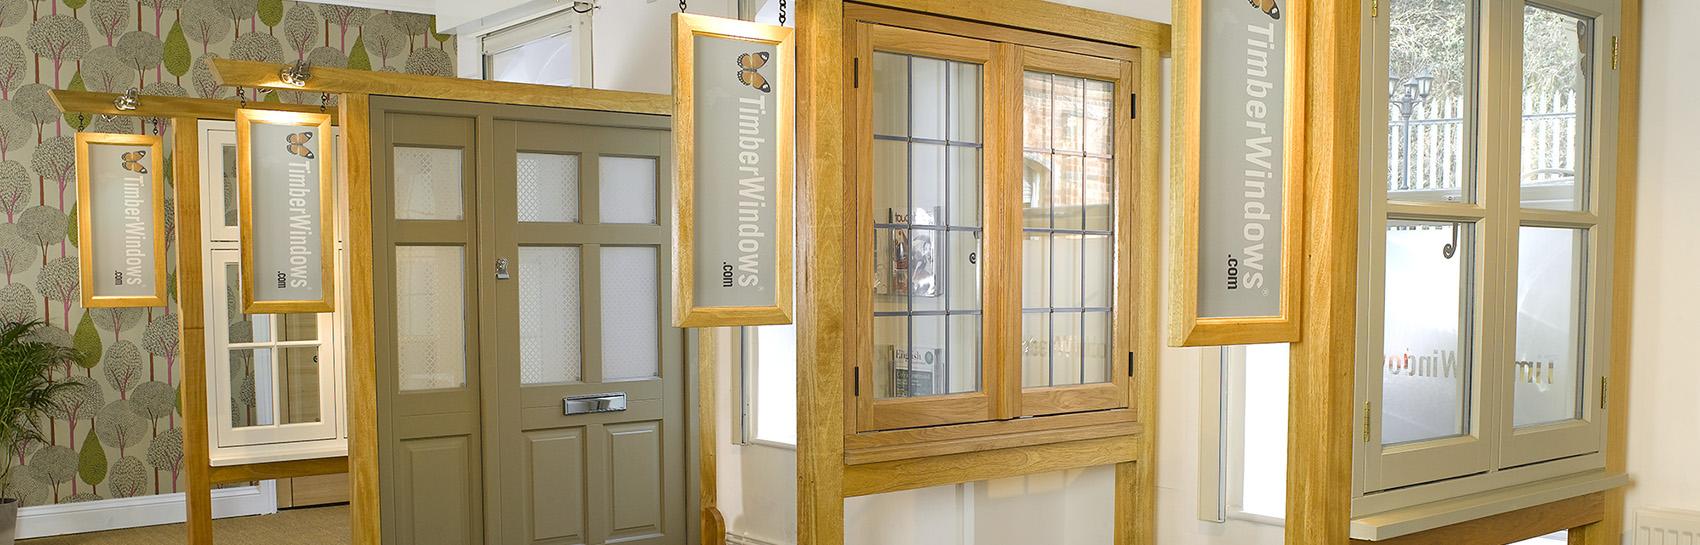 harborne sash windows showroom